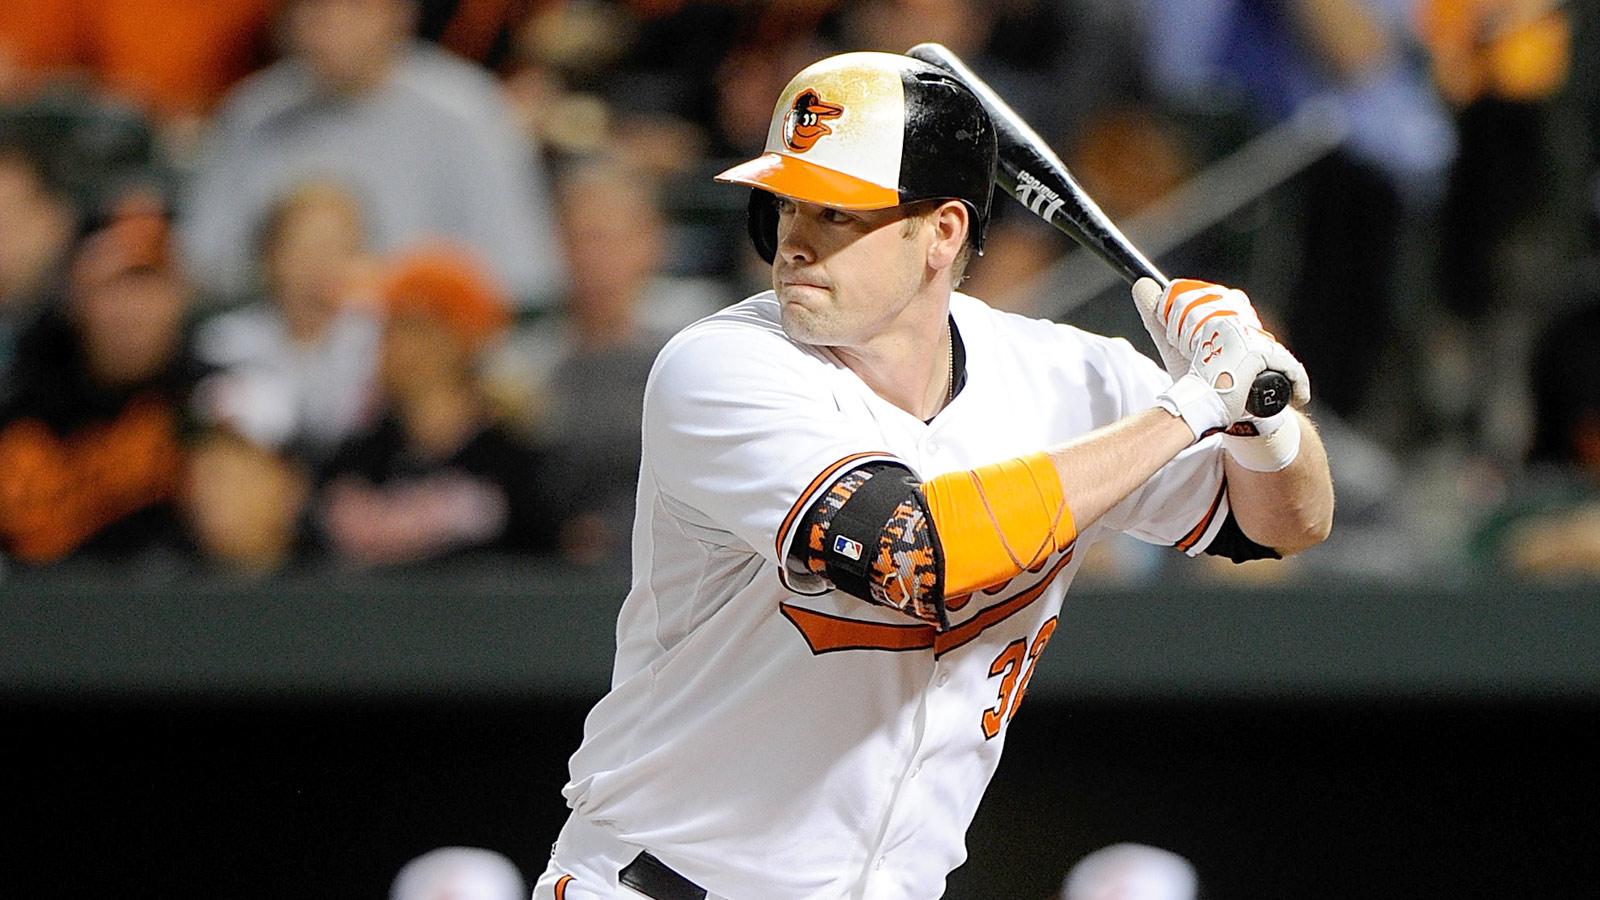 111315-MLB-Matt-Wieters-SS-PI